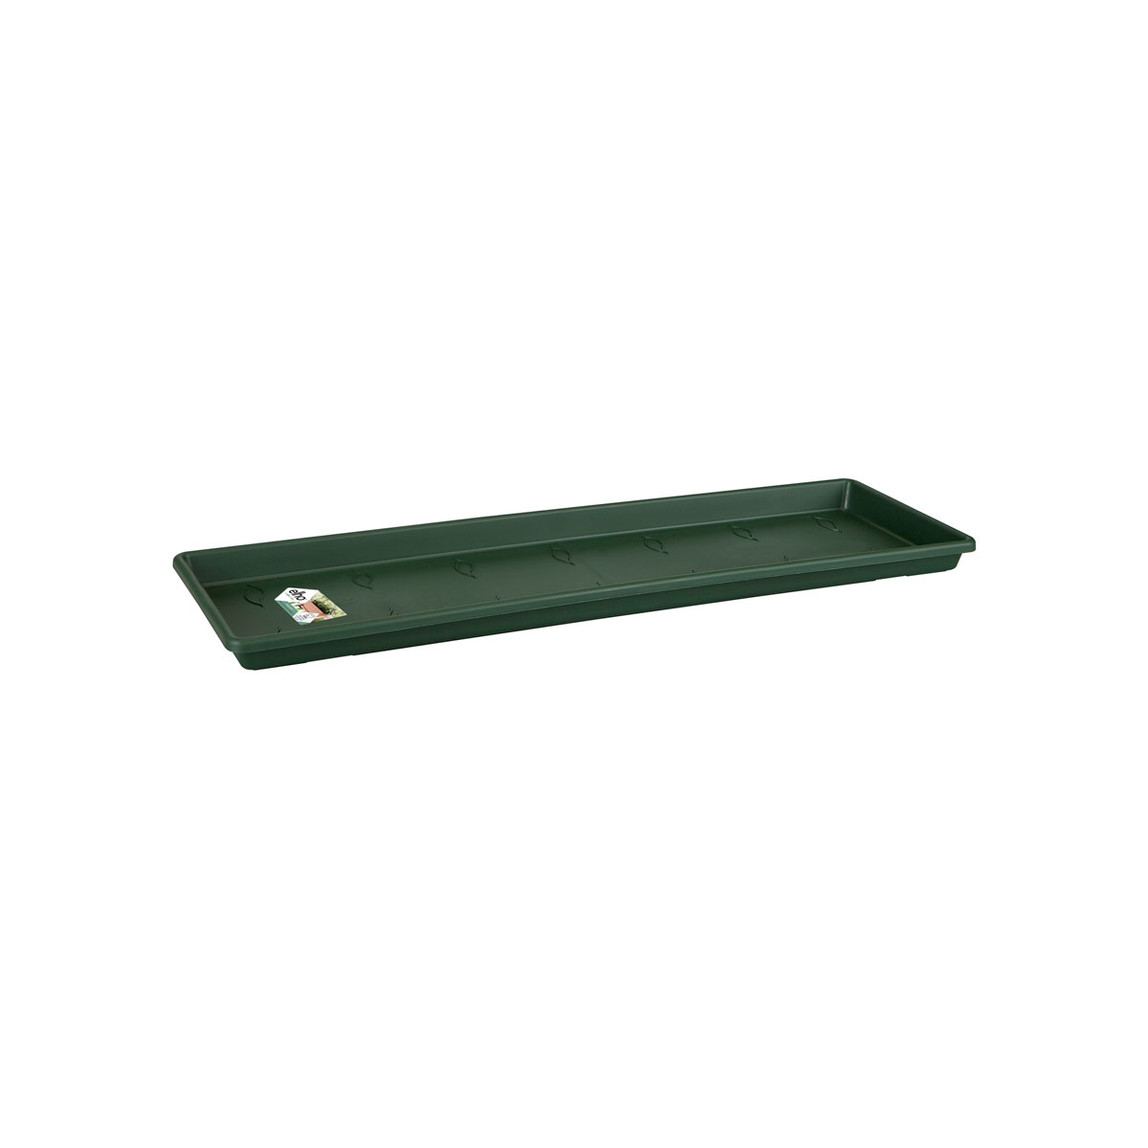 Saksı Altlığı Yaprak Yeşili Green Basics